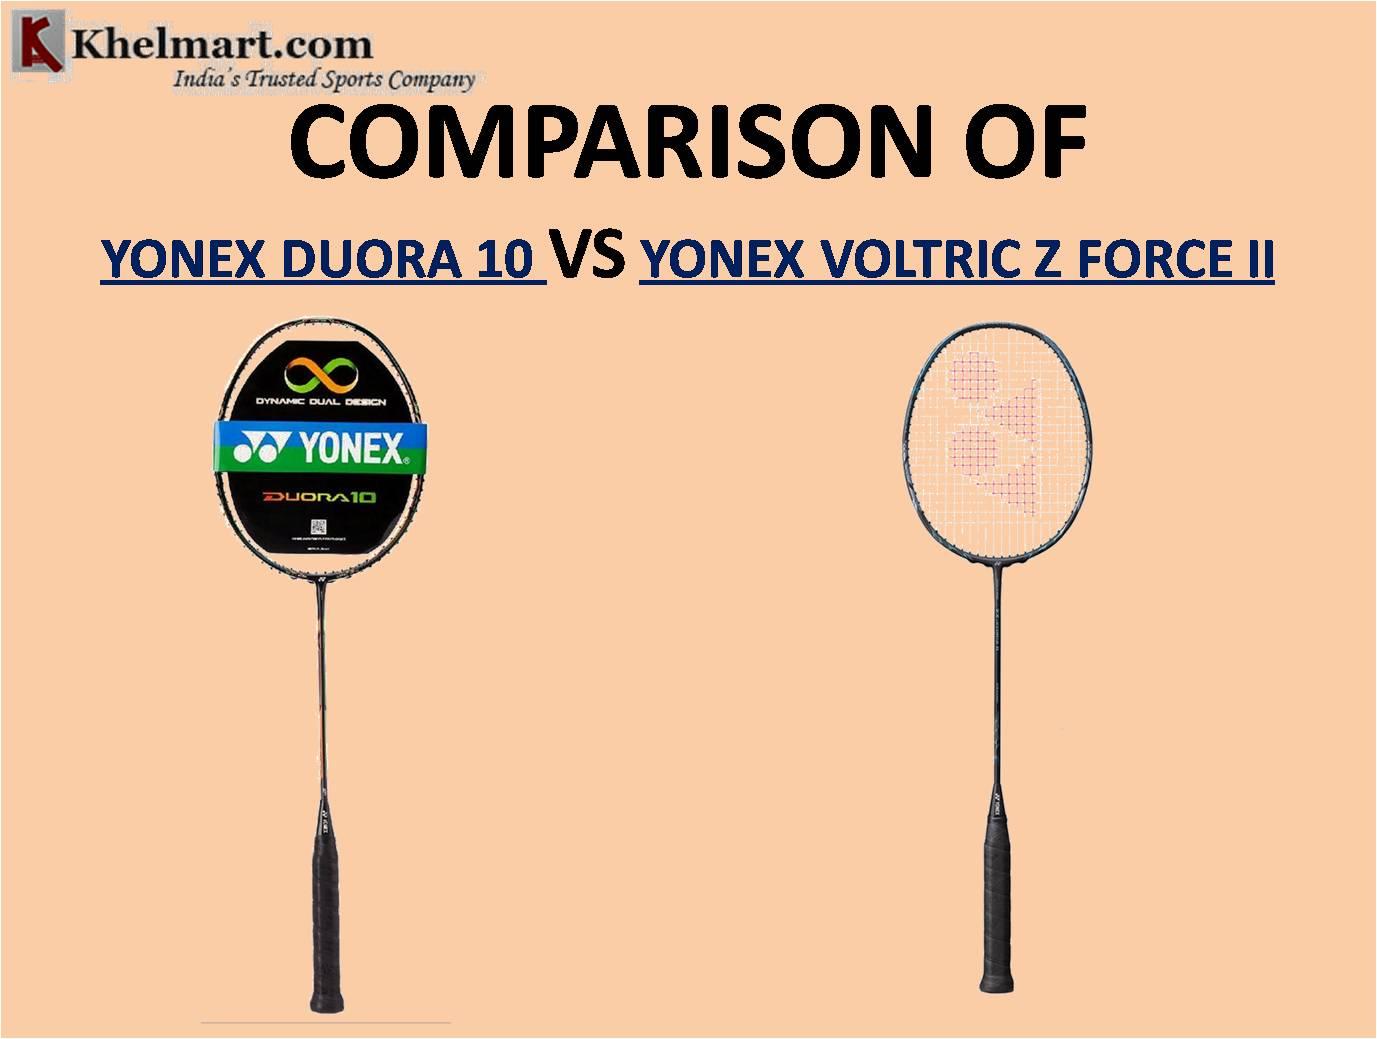 Yonex_Duora_10_Vs_Z_Force_2